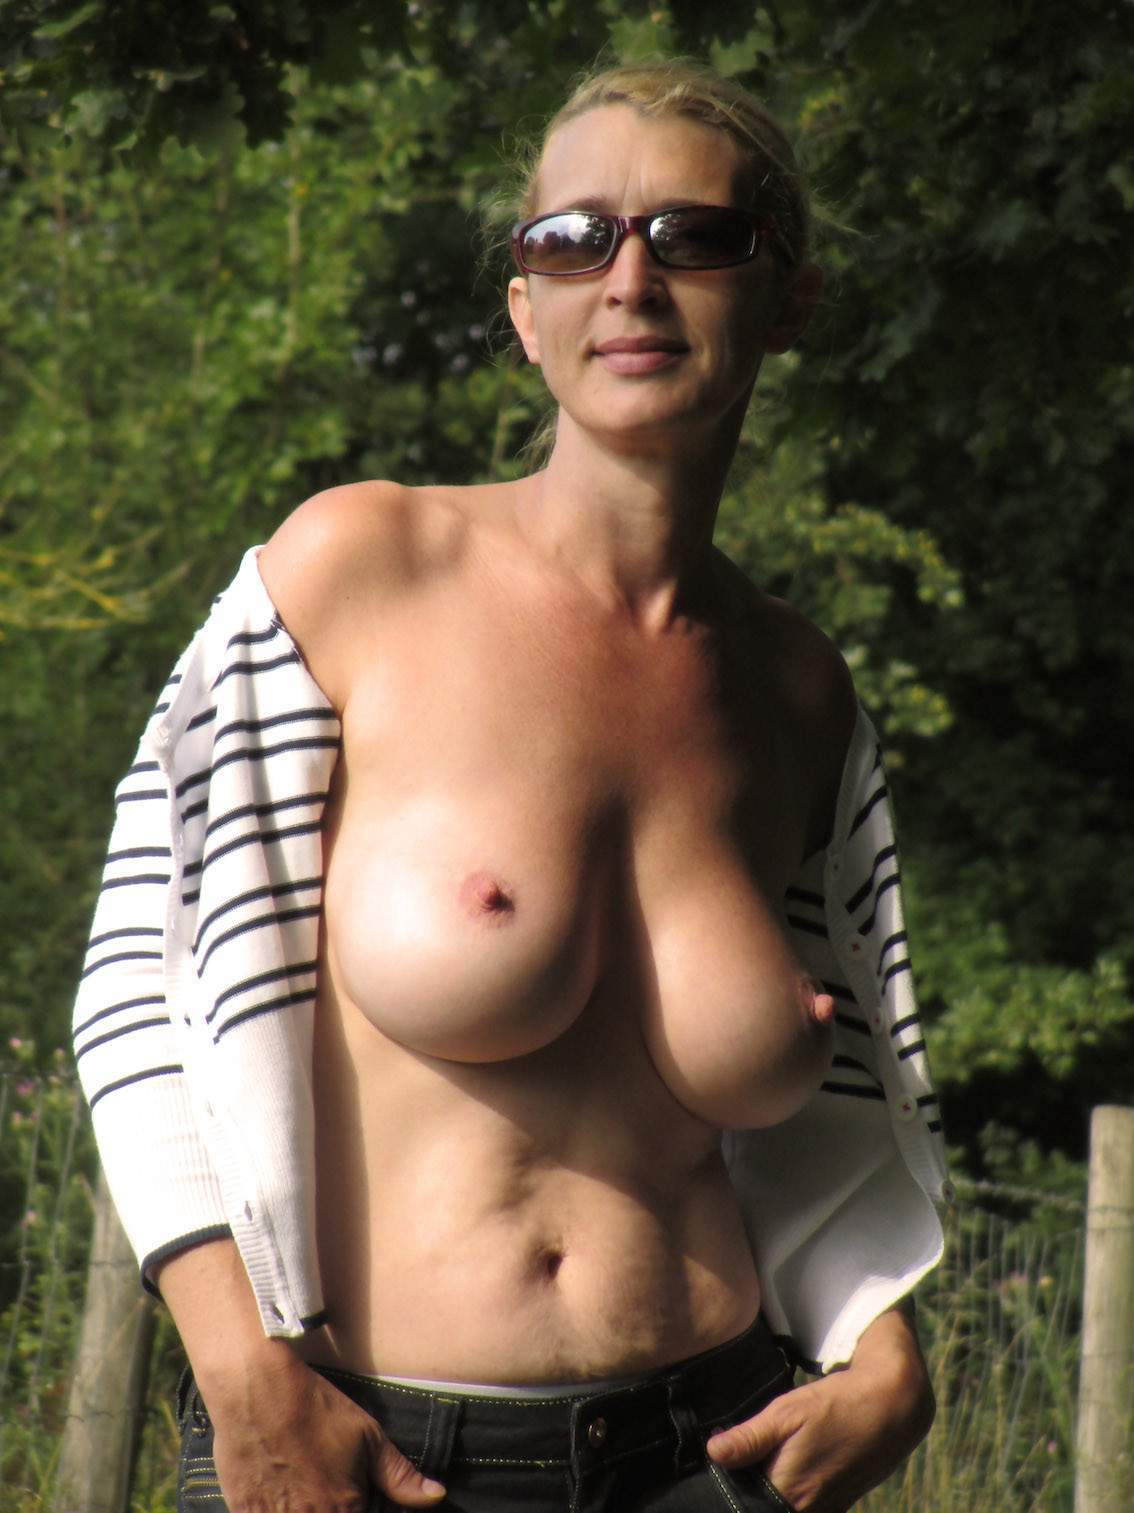 http://img24.rajce.idnes.cz/d2402/13/13133/13133717_9c6391c5702f90347cd7f2ea12218ba5/images/181.jpg